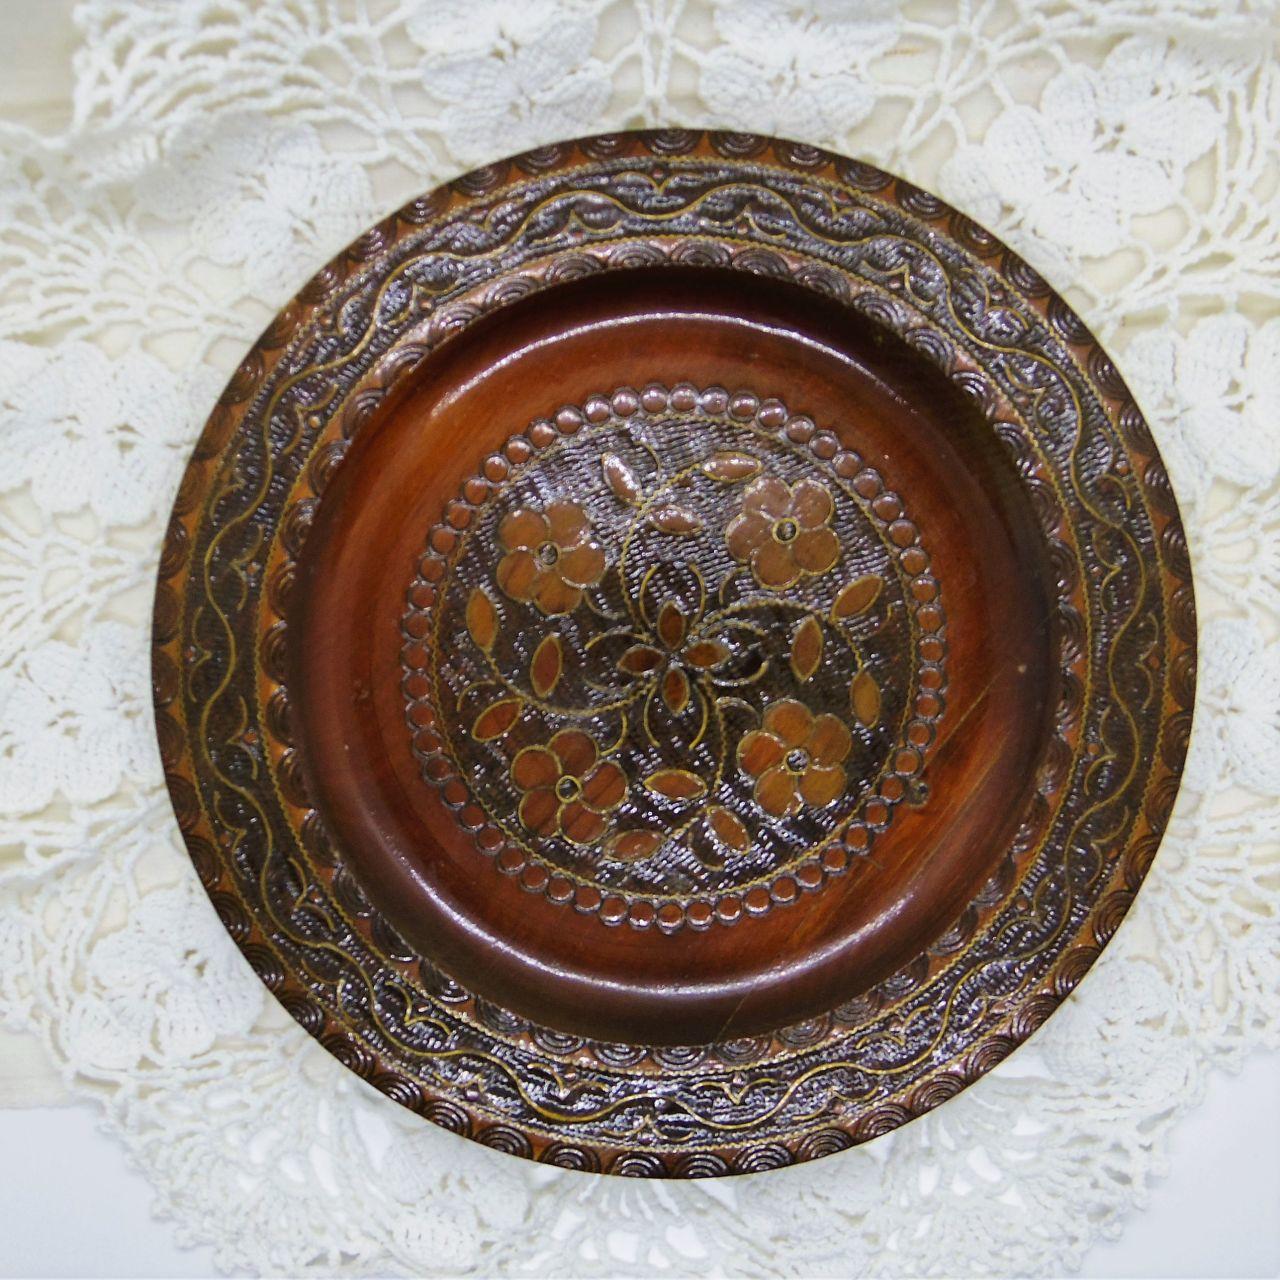 木の飾り皿②